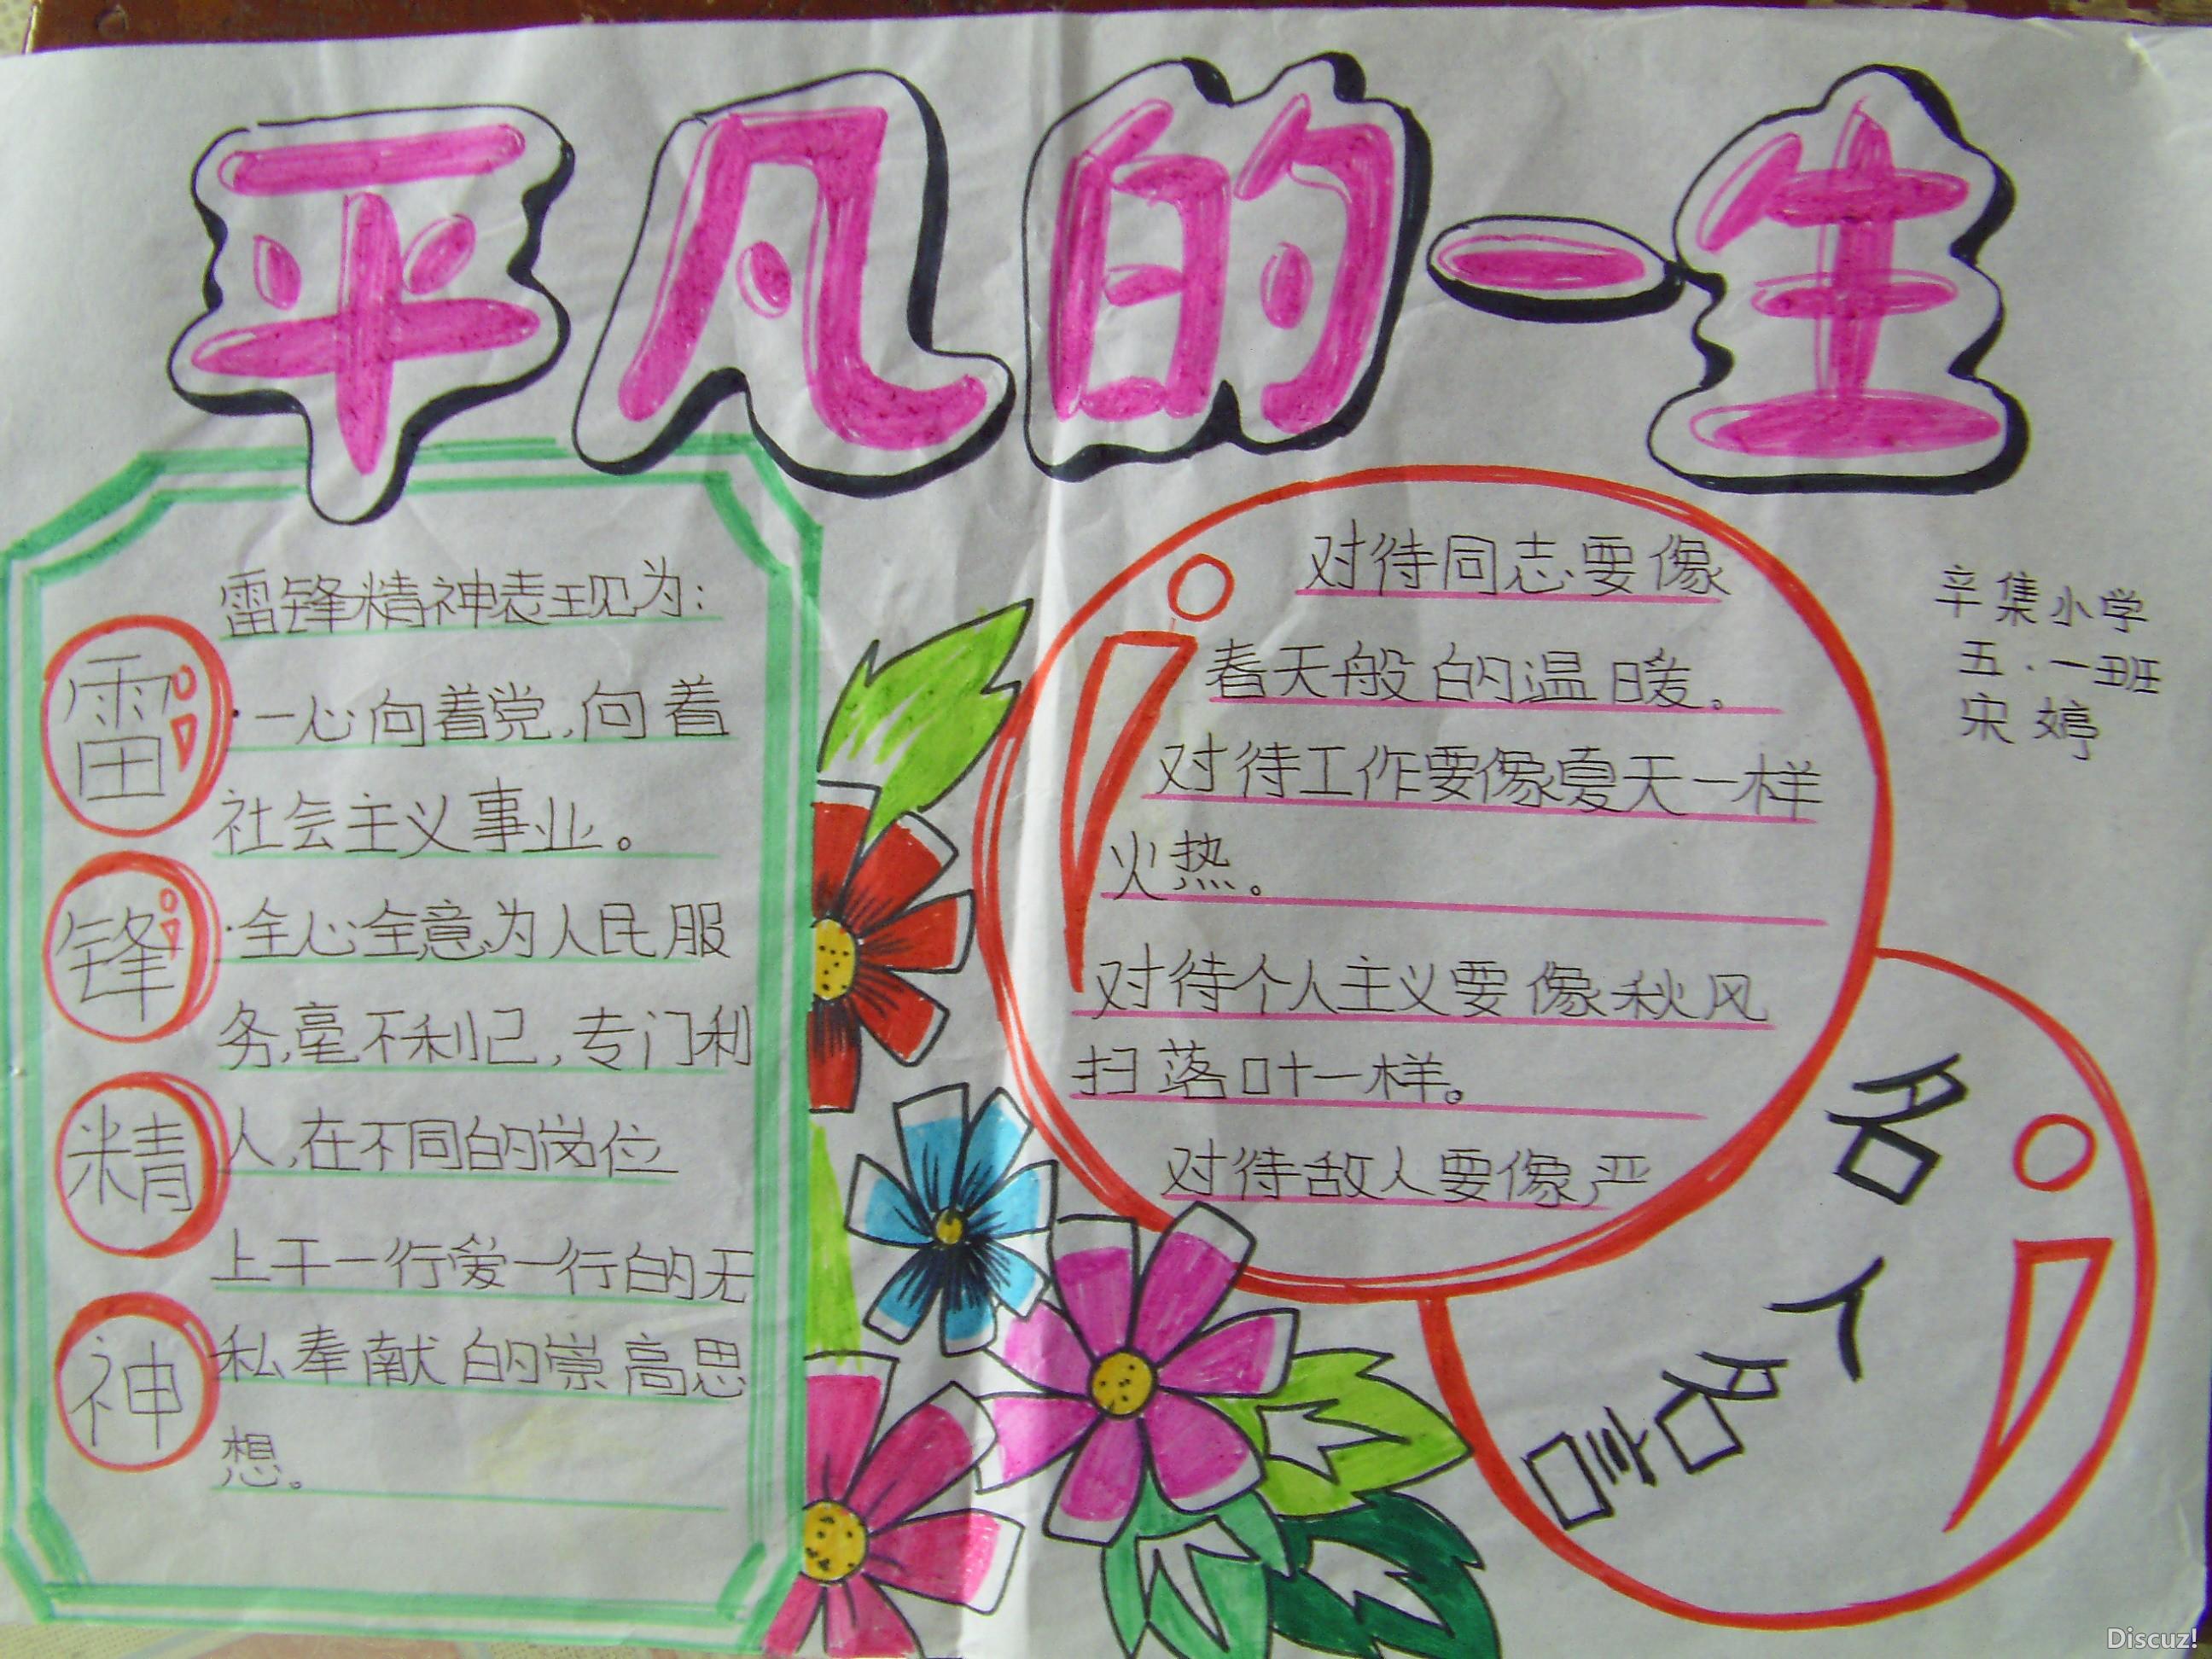 手抄报绘画比赛活动           3月6日,为进一步引导和激励学生弘扬